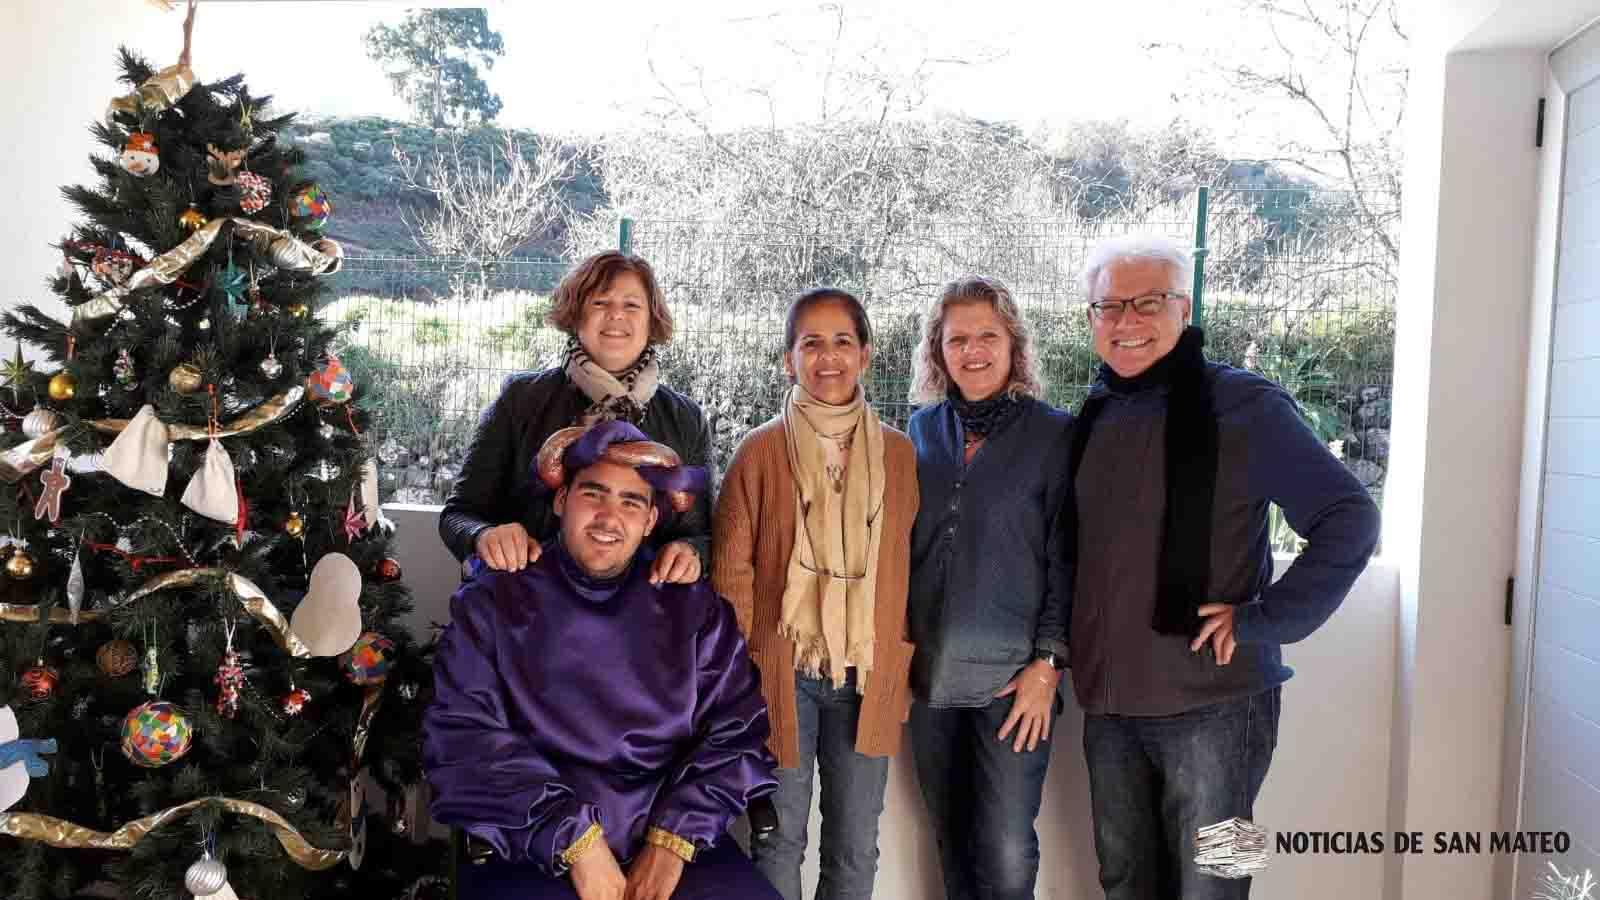 Visita del Paje Real a La Lechuza 19 diciembre de 2018